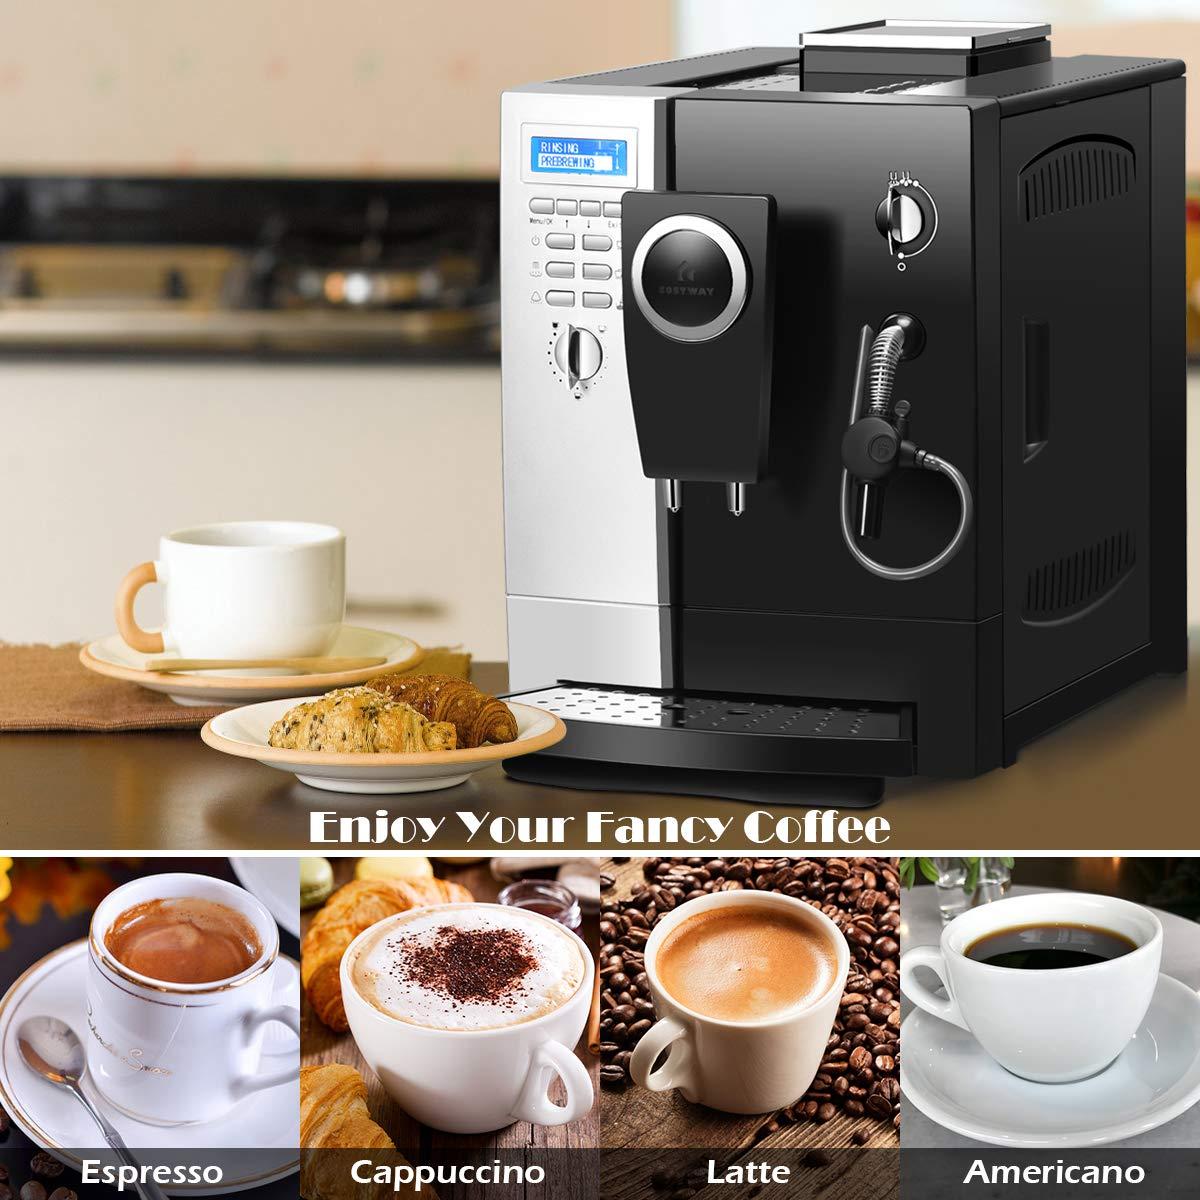 COSTWAY Machine /à Caf/é Automatique,Caf/éti/ère Automatique 1200W en Acier Inoxydable,19 Bar avec Mode 2 Tasses pour Maison,Bureau,Caf/é